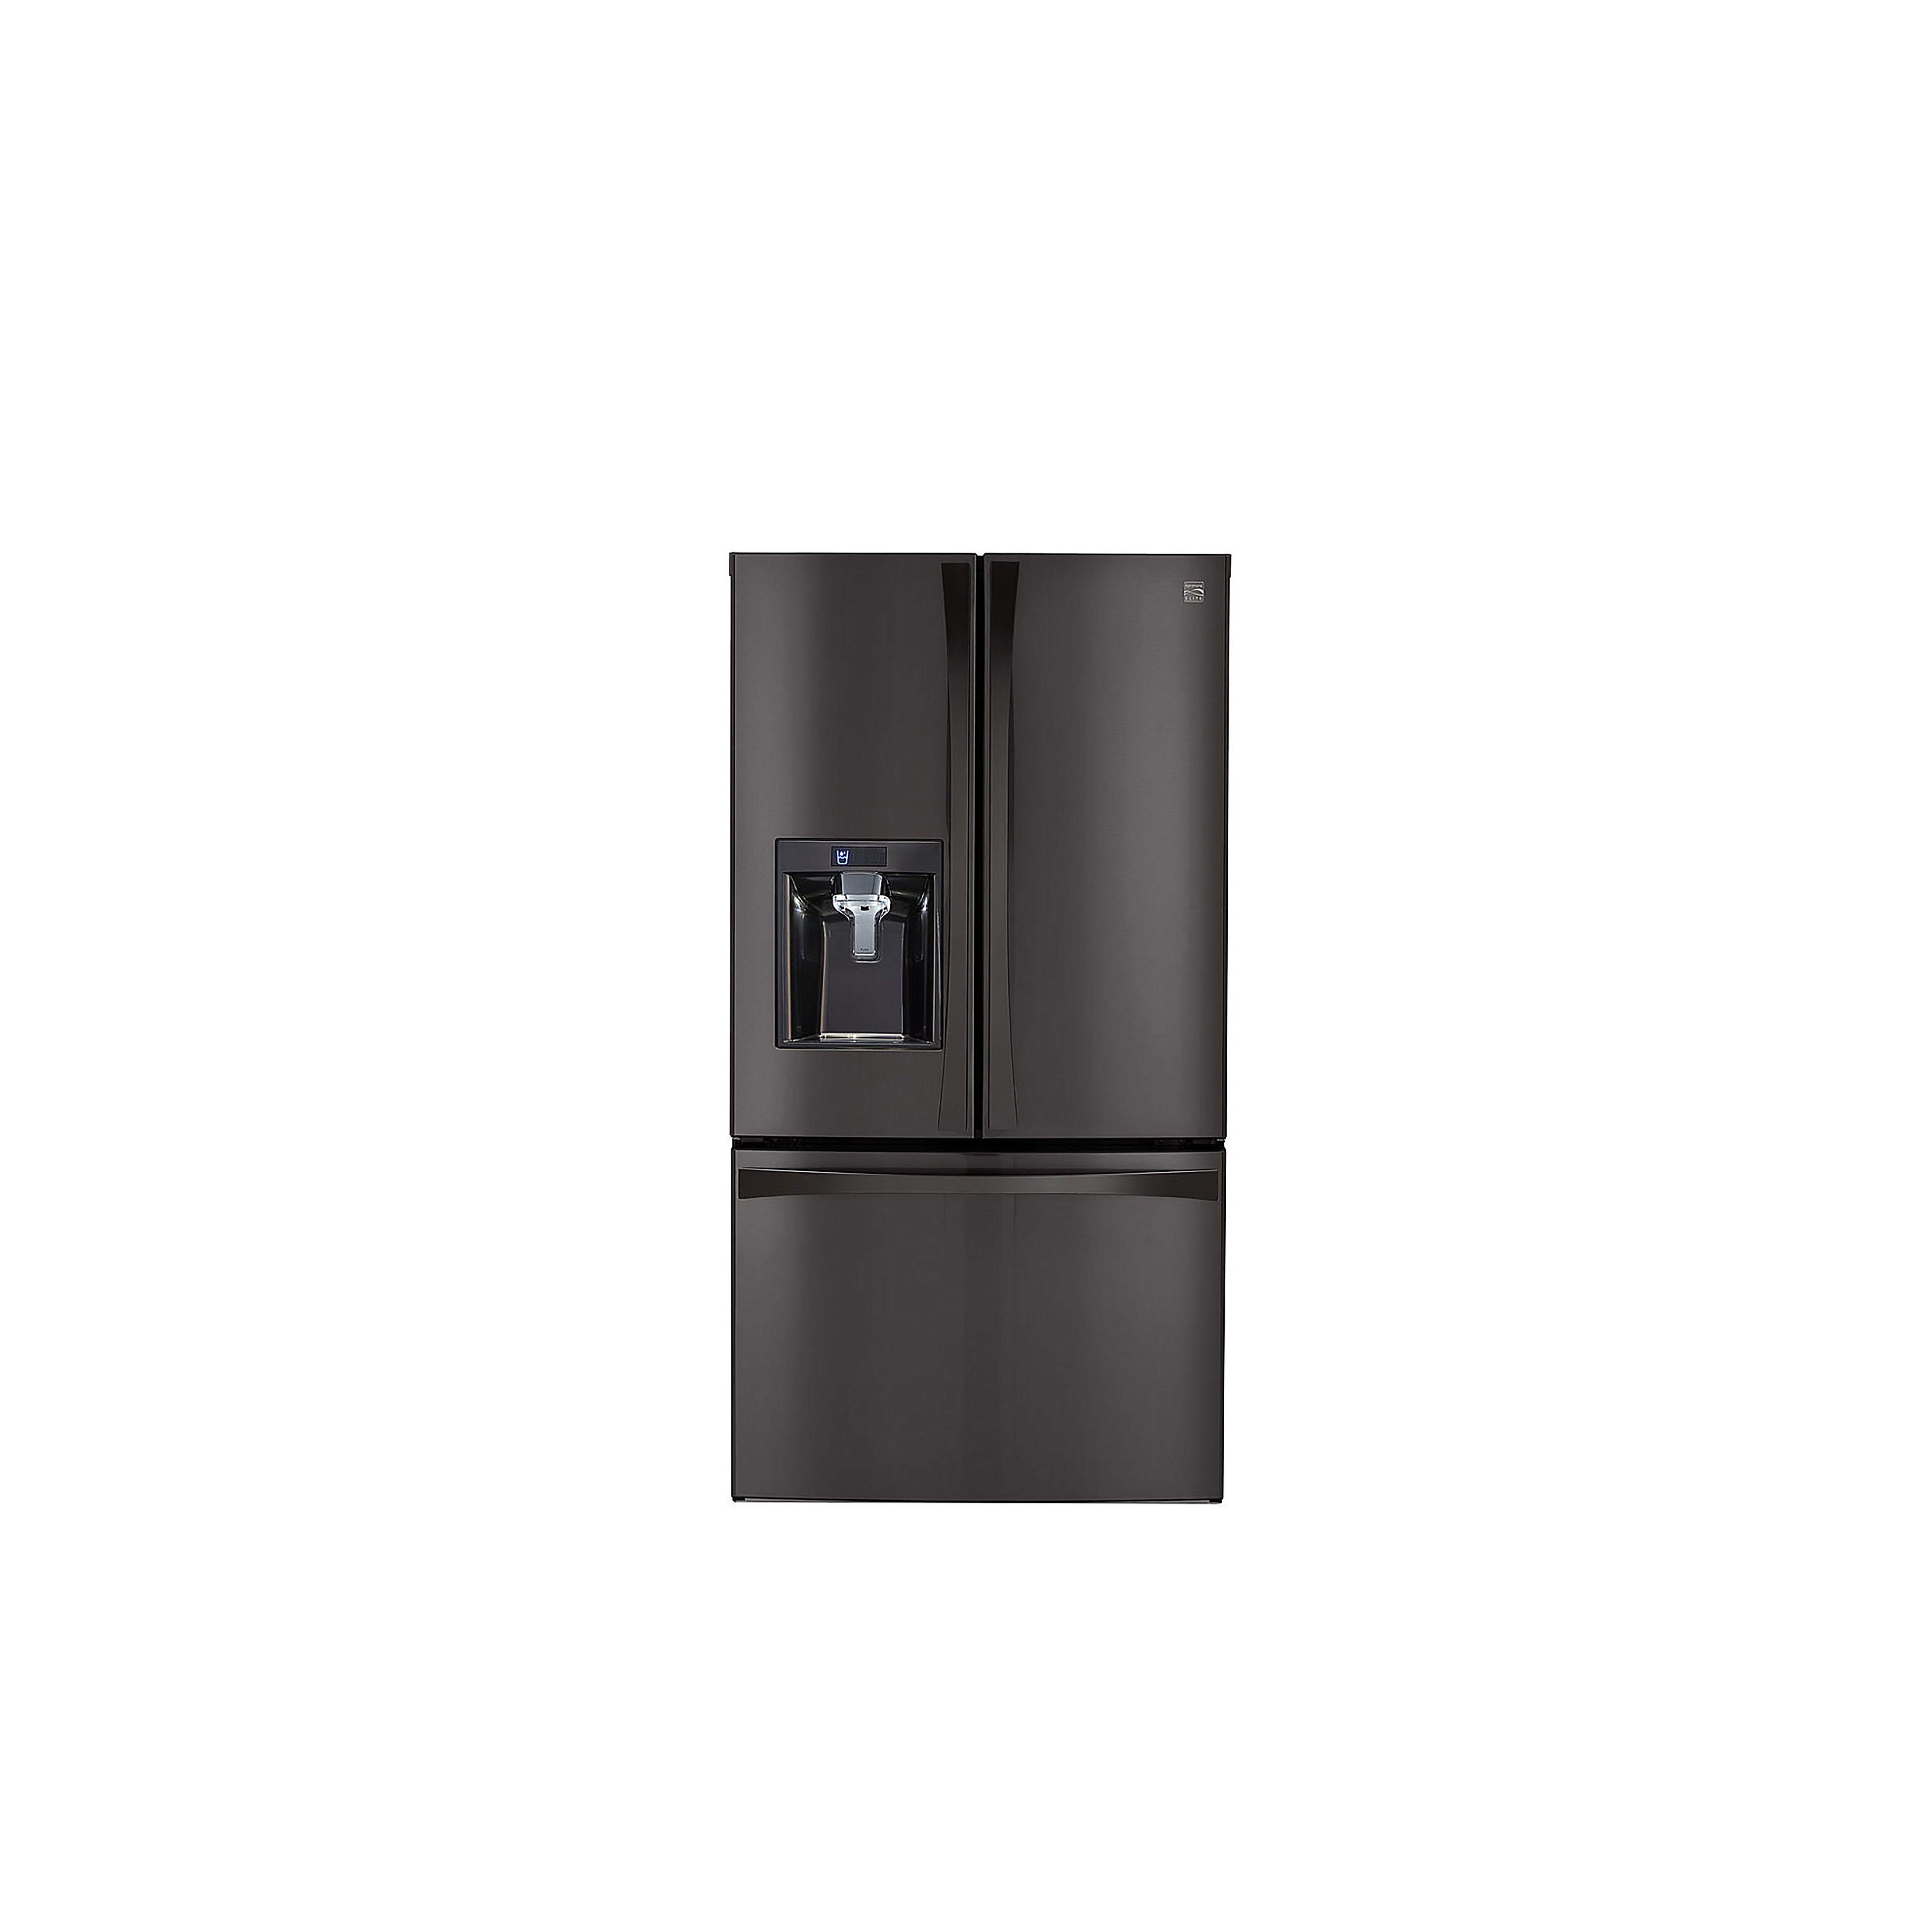 Kenmore Elite 298 Cu Ft French Door Bottom Freezer Refrigerator